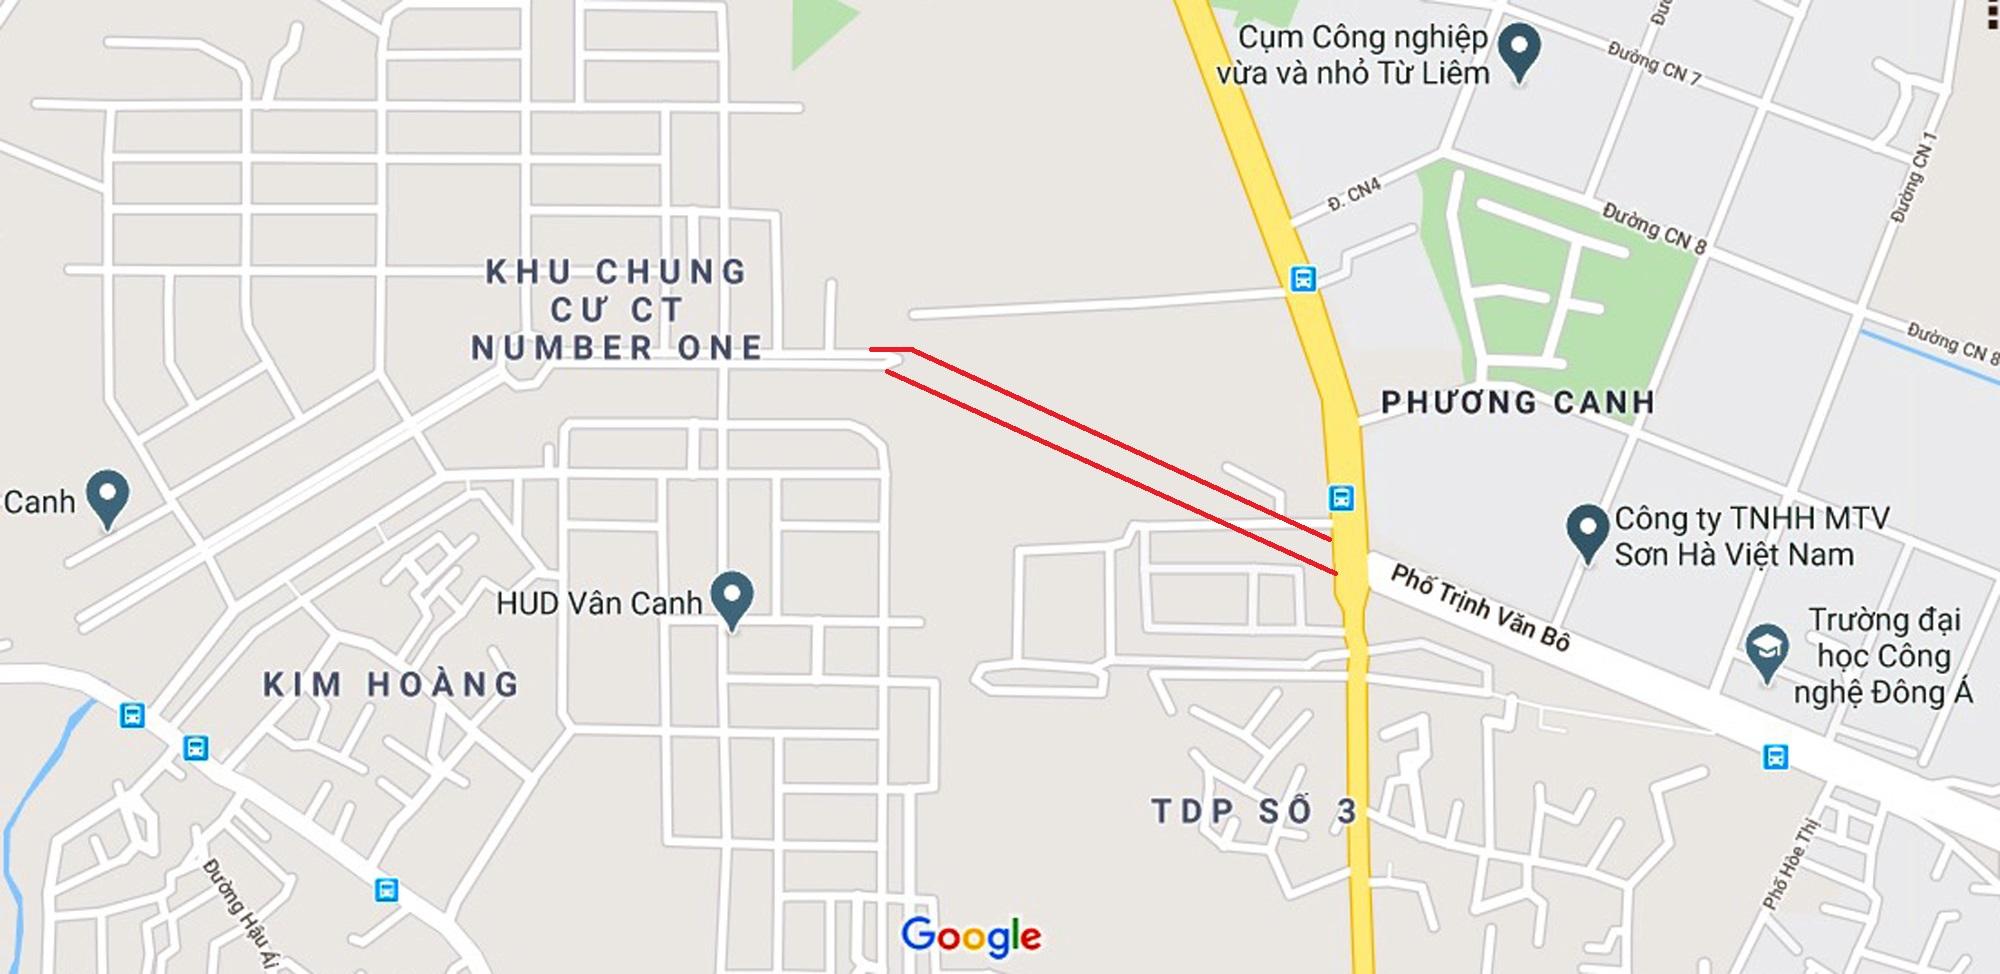 đường sẽ mở theo qui hoạch ở phường Phương Canh, Nam Từ Liêm, Hà Nội - Ảnh 2.